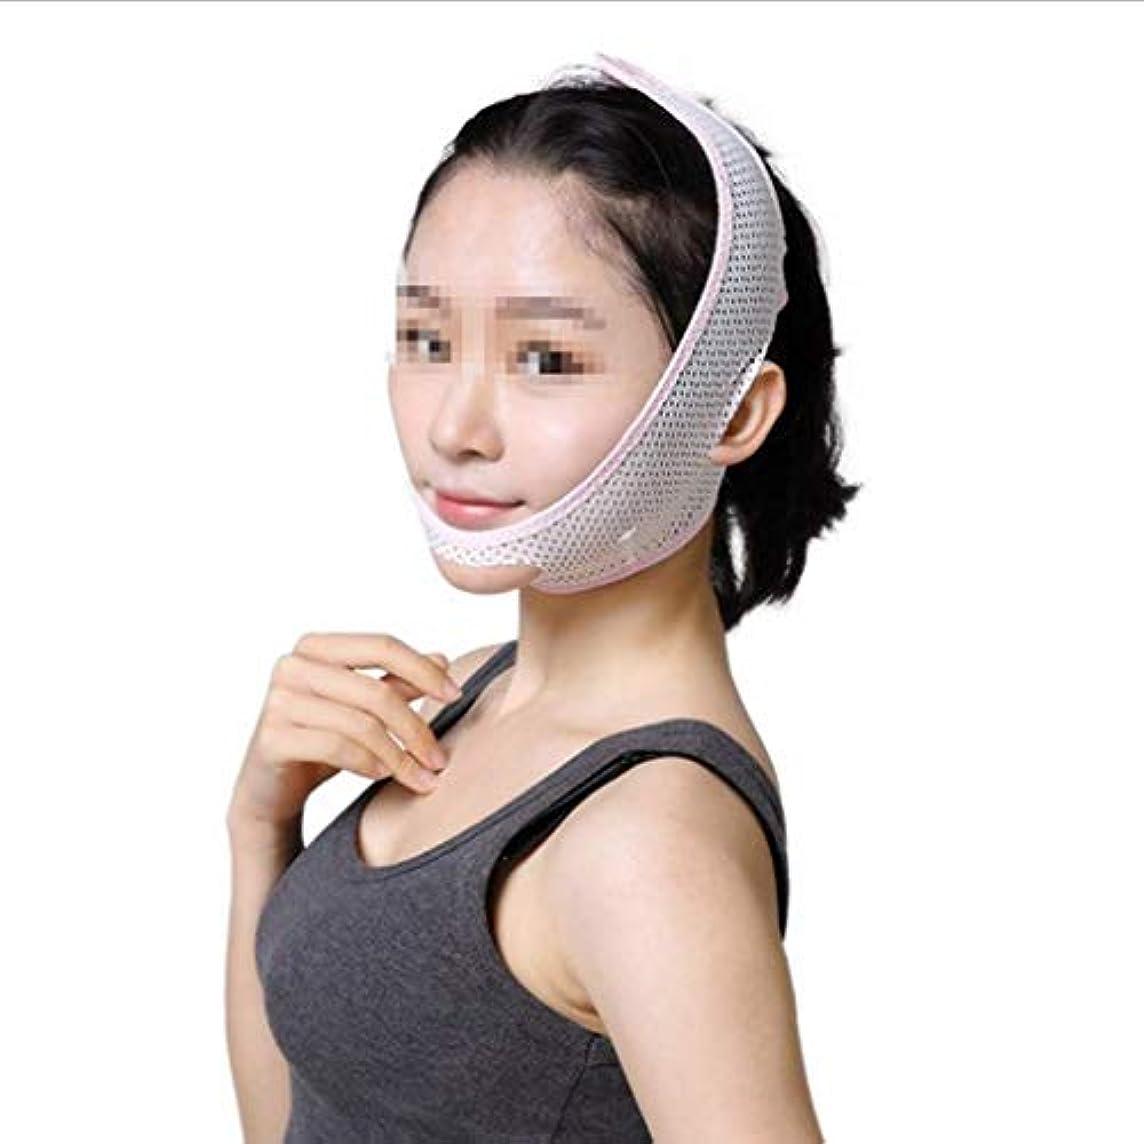 ジョグ建築家定刻超薄型通気性フェイスマスク、包帯Vフェイスマスクフェイスリフティングファーミングダブルチンシンフェイスベルト(サイズ:L)